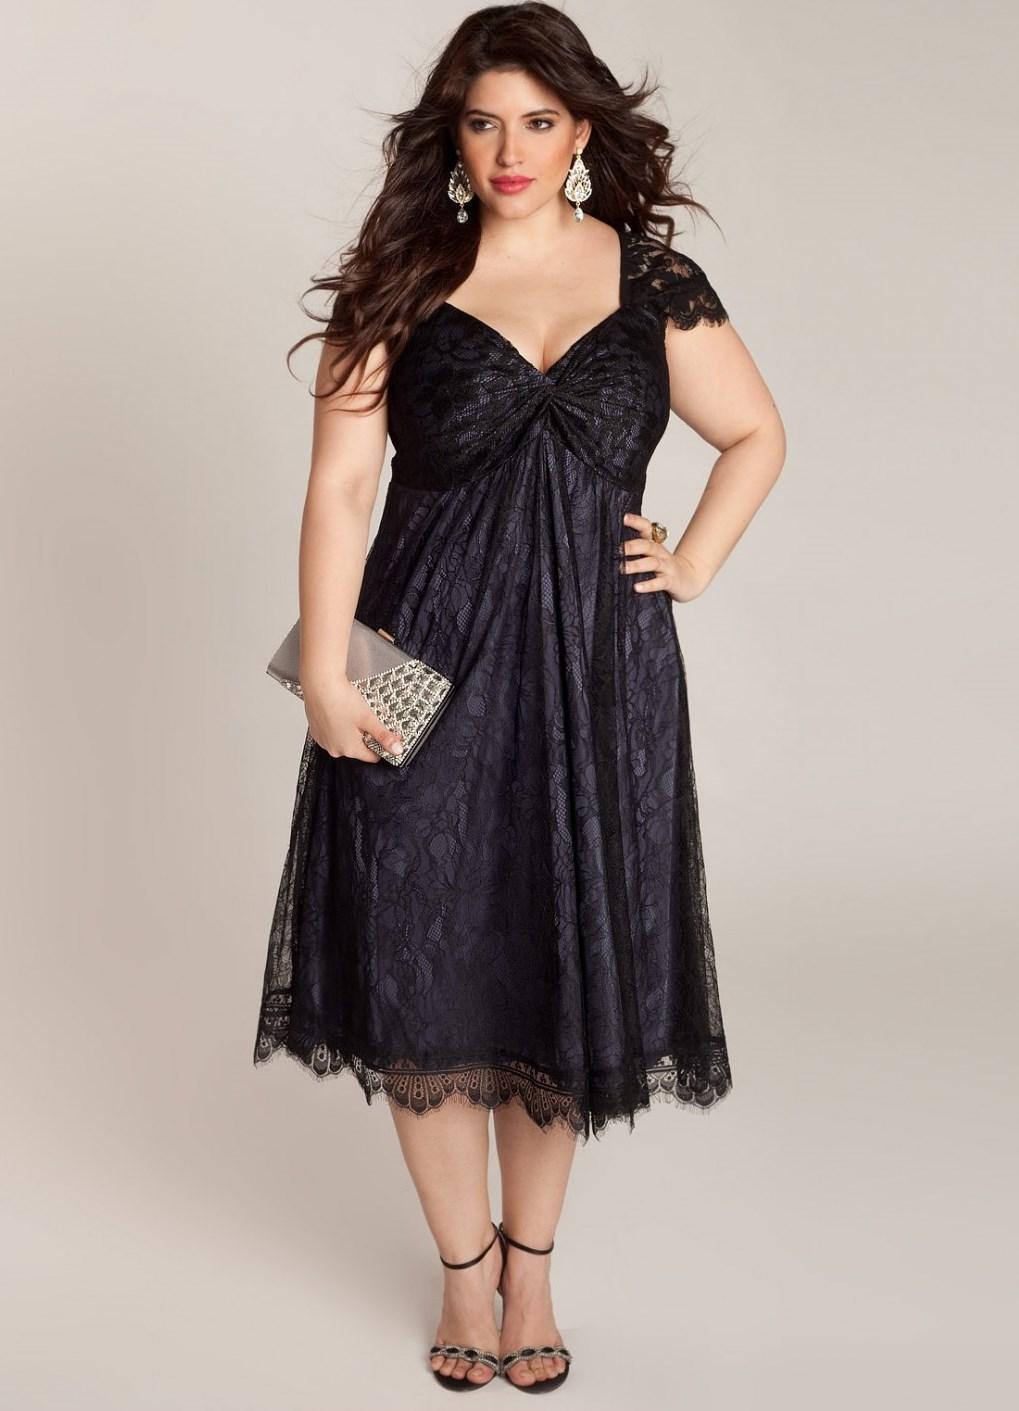 Фасон вечерних платьев для полных и маленького роста